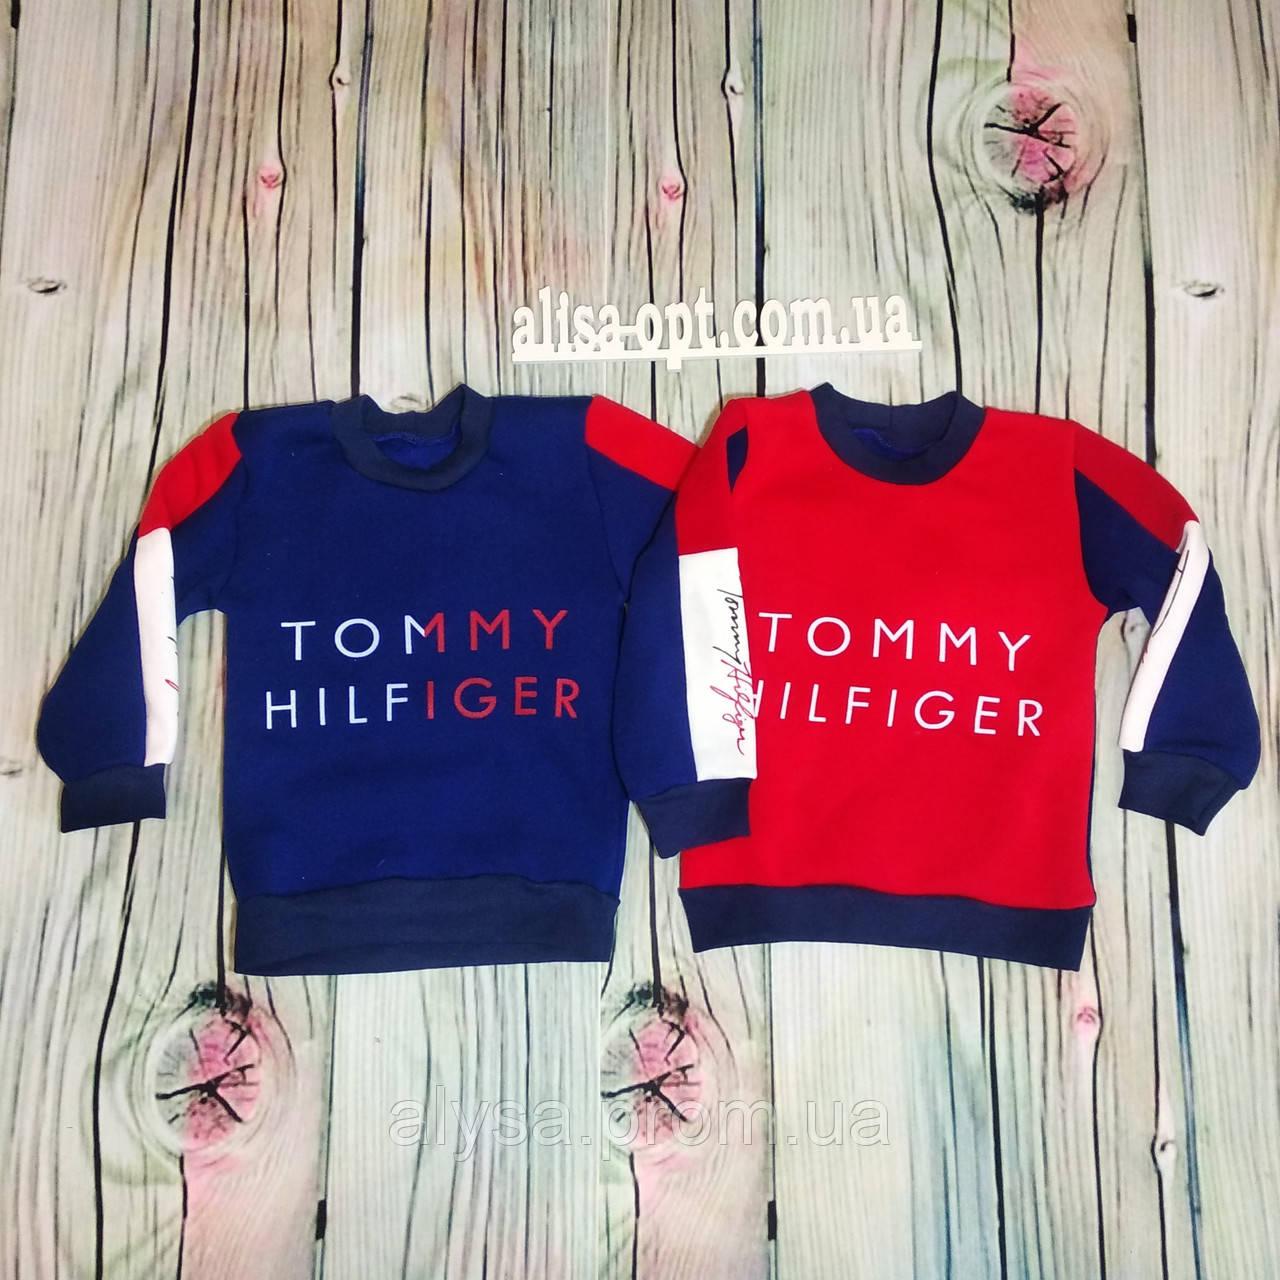 Детская толстовка Томми Хилфигер трехнитка